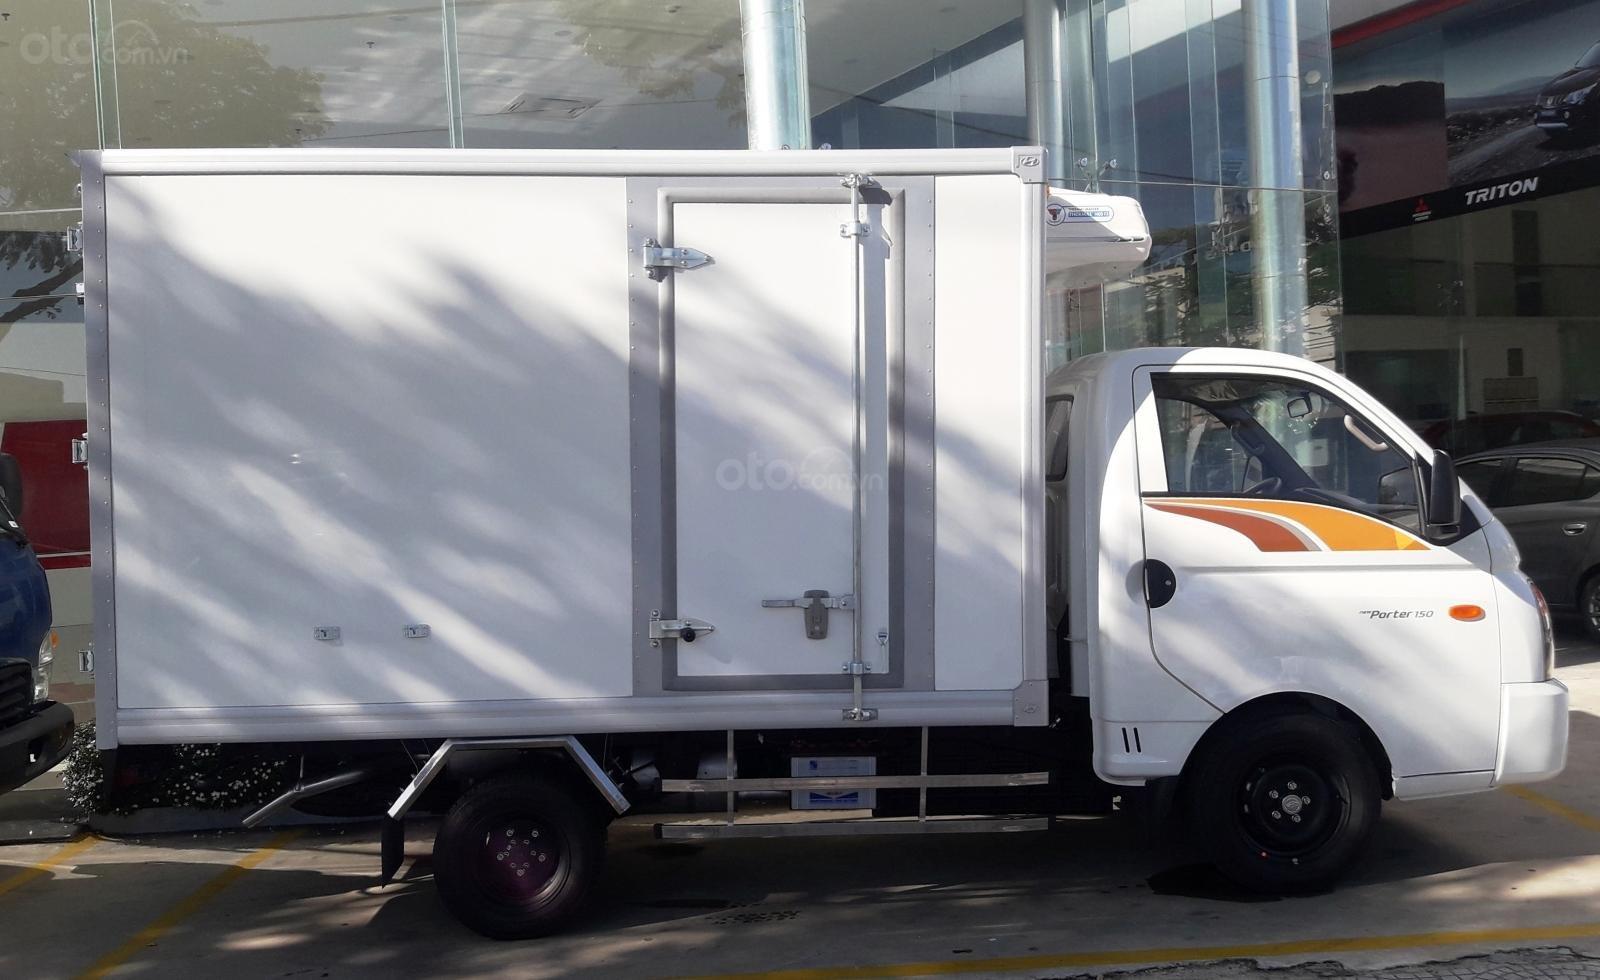 Bán Hyundai Porter 150, 1 tấn 4, khuyến mãi 100% bảo hiểm, hỗ trợ vay 70% (4)